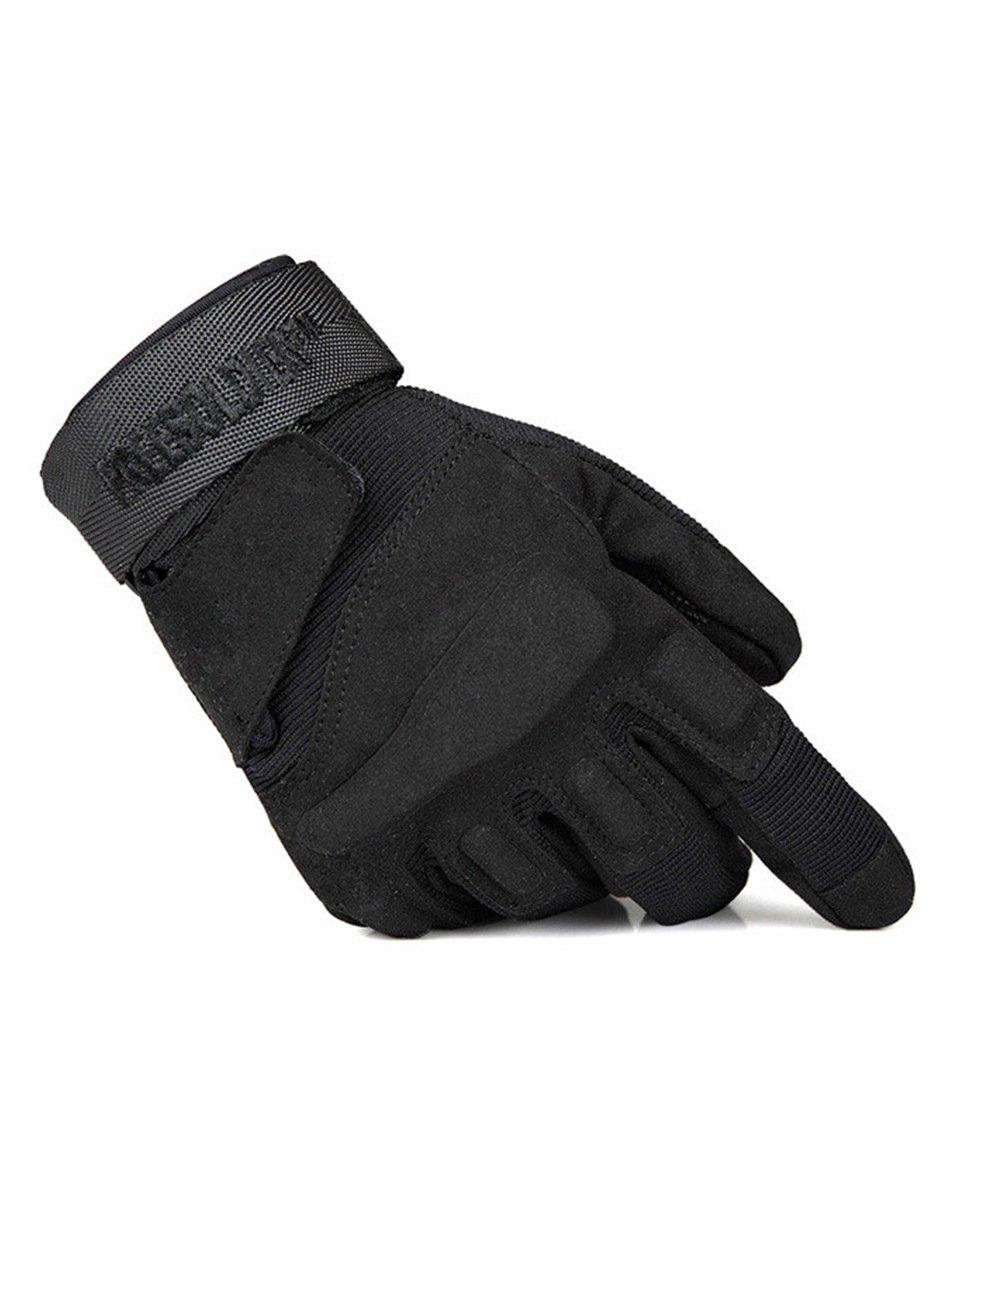 Free Soldier Herren-Handschuhe, Outdoor, Wandern, Radfahren, Camping, ganze Finger ganze Finger S schwarz NanjingYebao